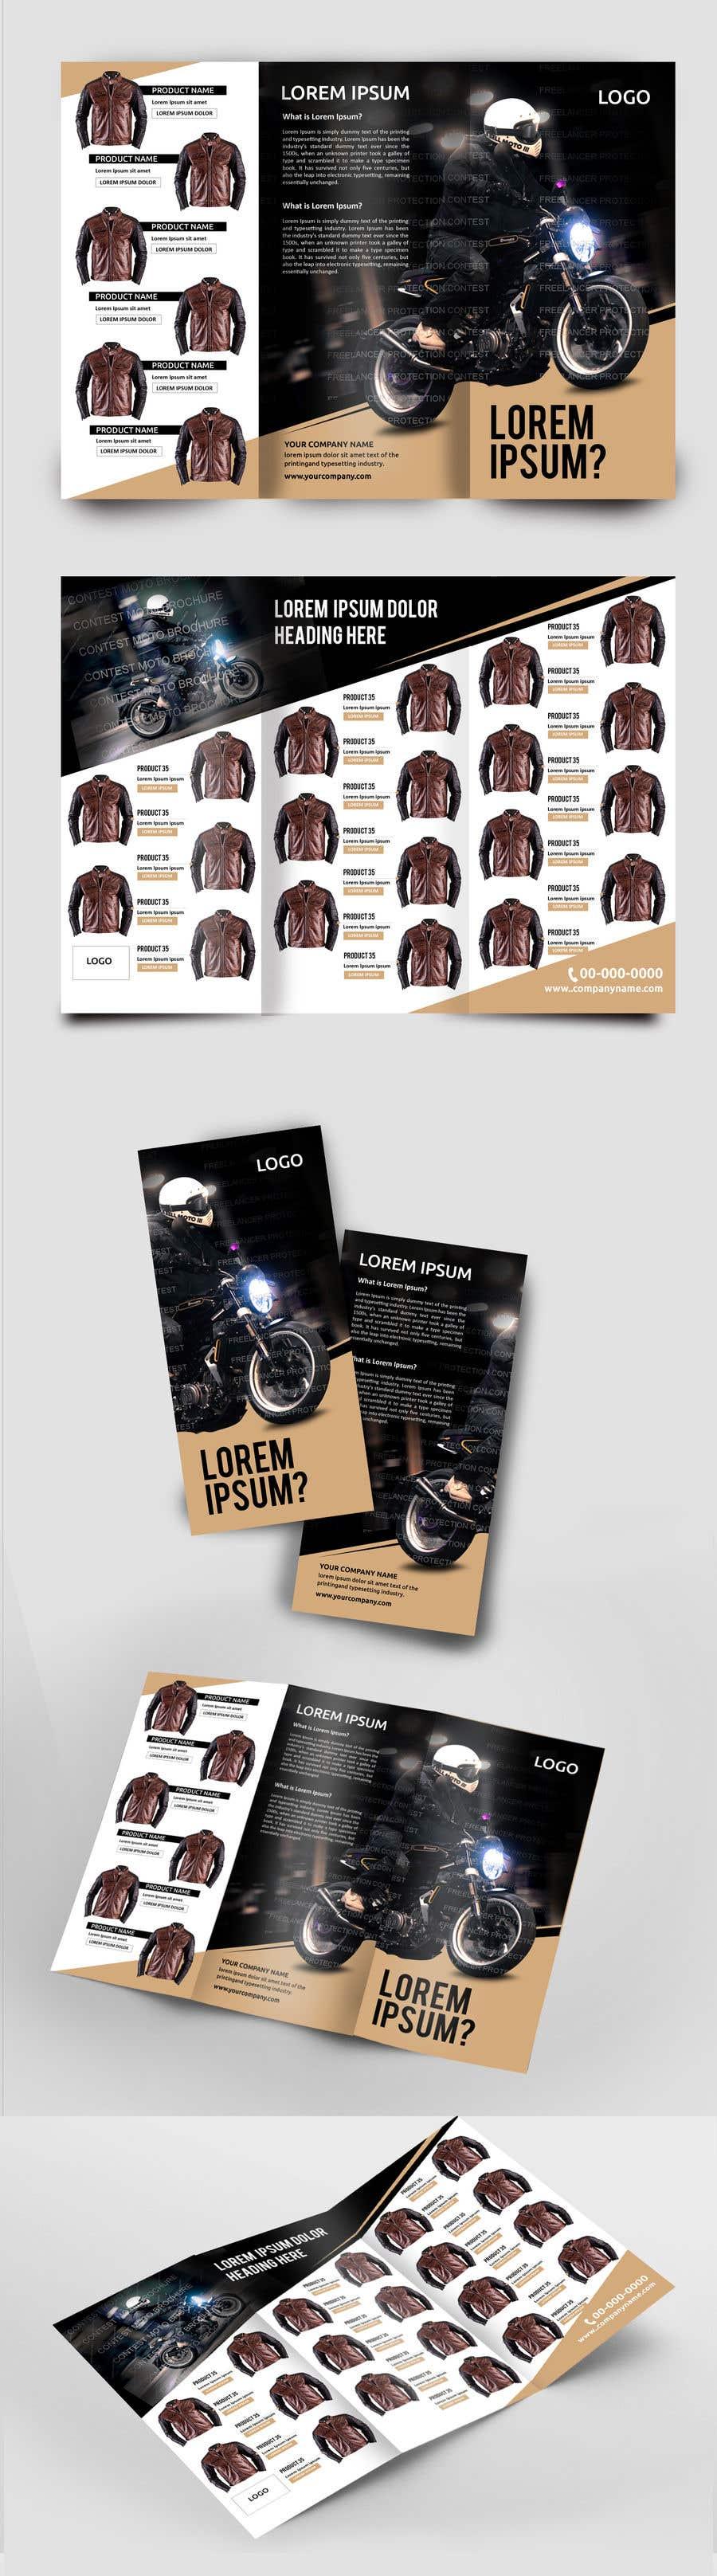 Penyertaan Peraduan #37 untuk motorbike clothing catalog